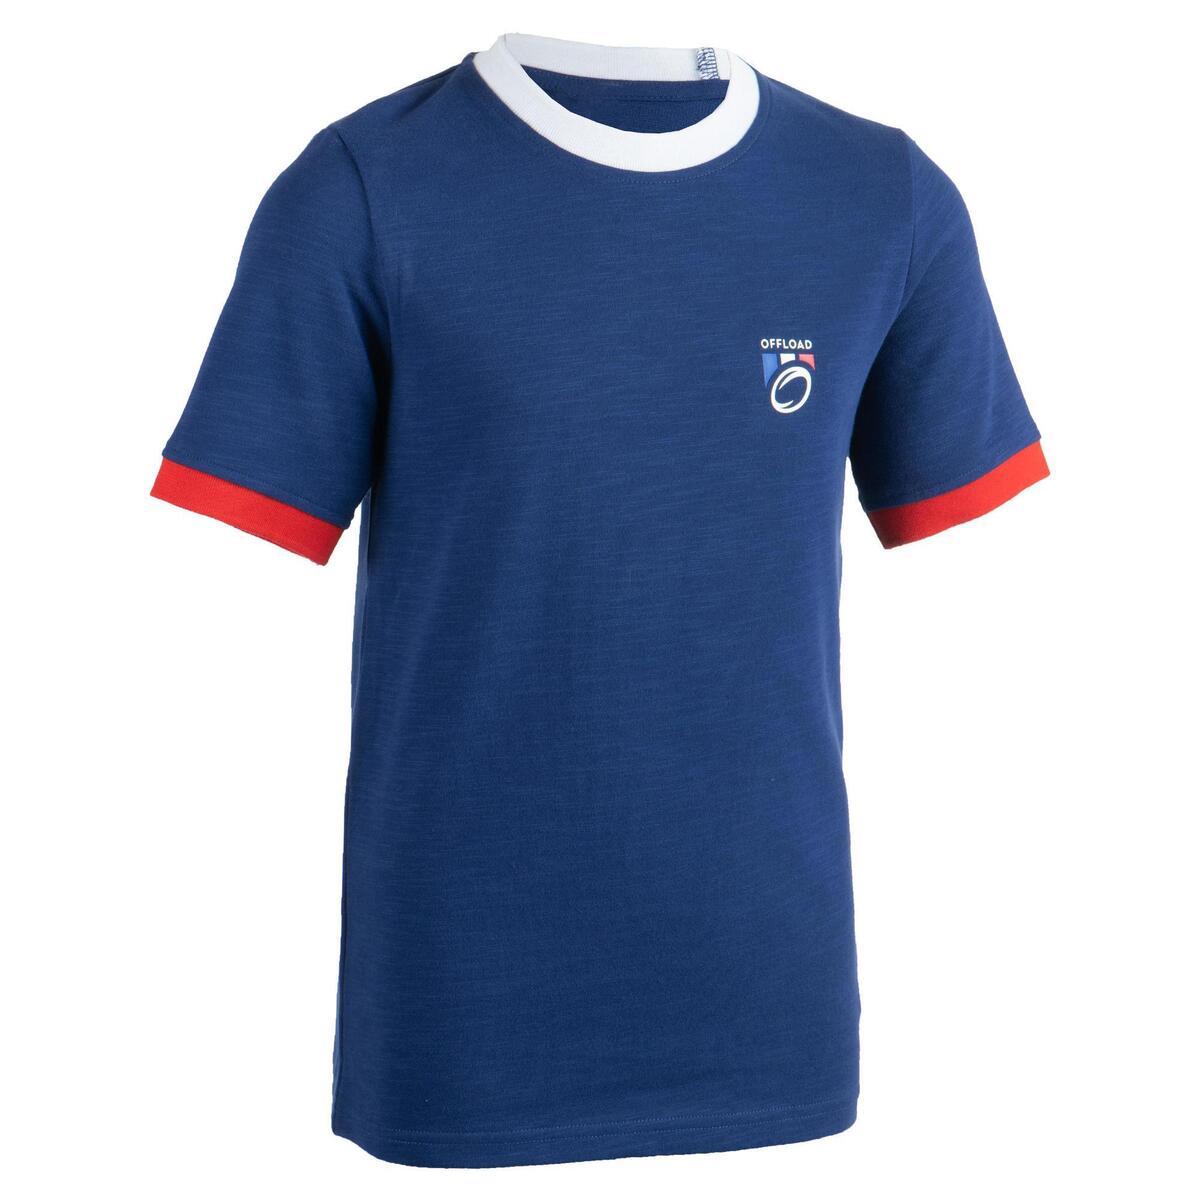 Bild 1 von Rugby-Fanshirt Frankreich 2019 Kinder blau